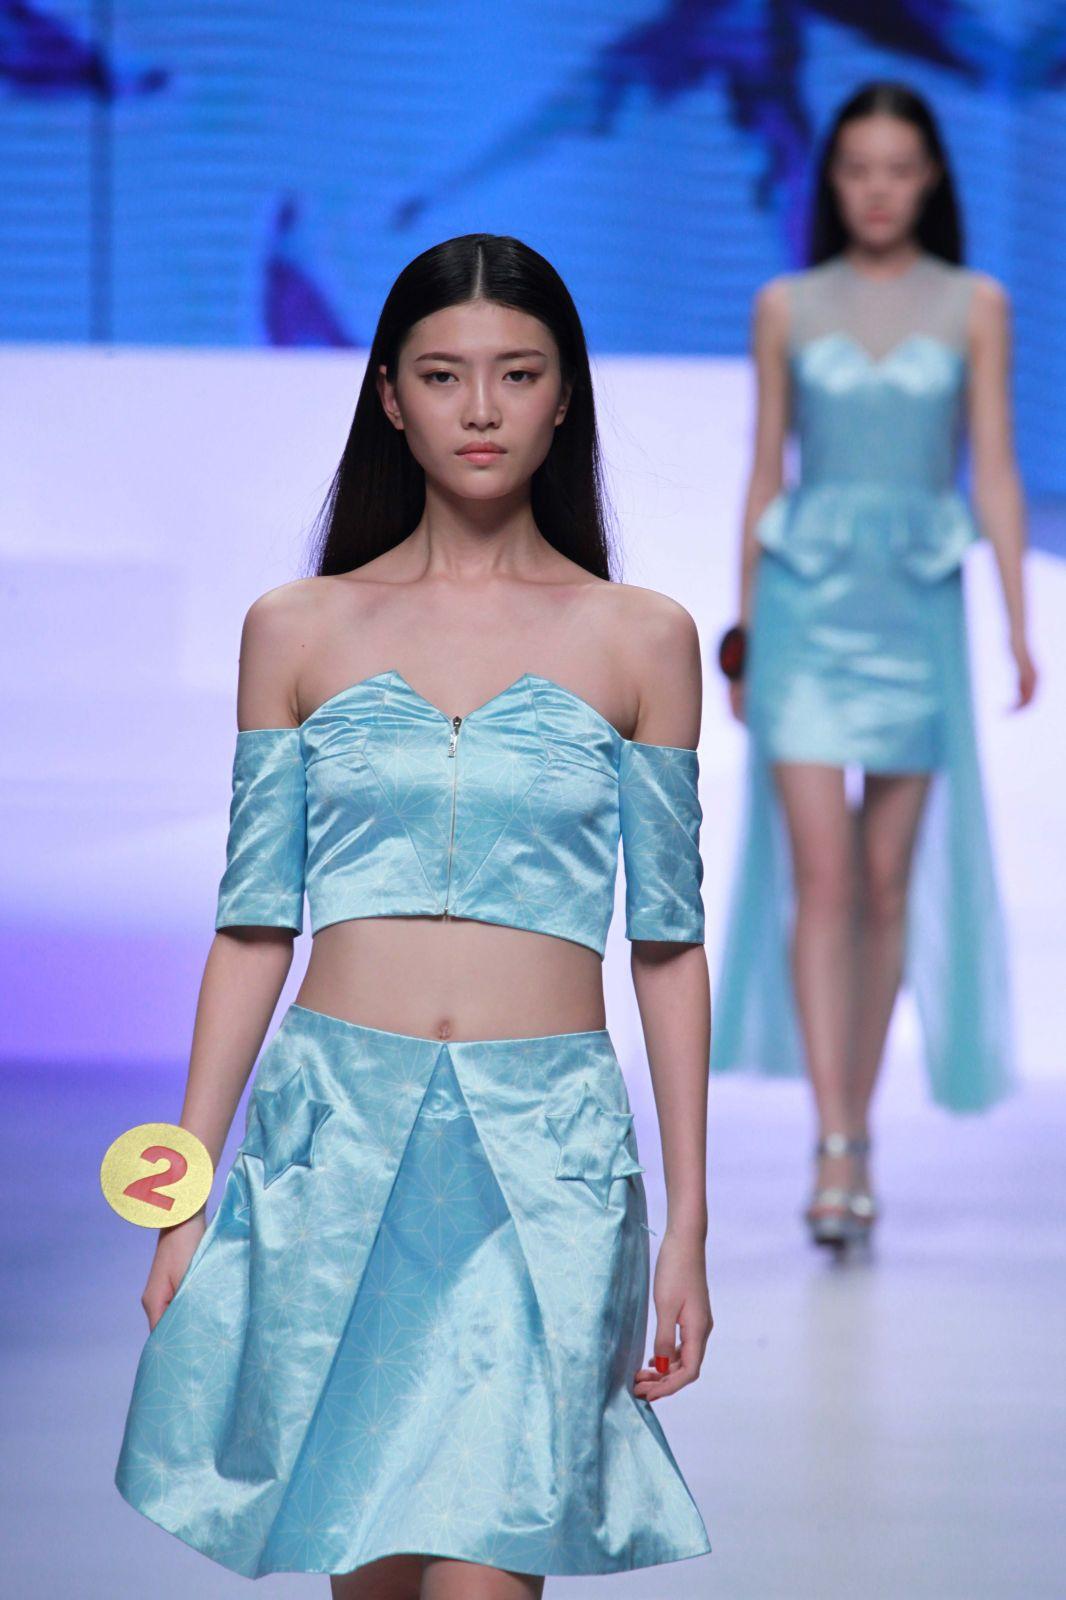 中國超模大賽落幕 北京姑娘斬獲前三甲 - 亮麗 - 亮麗的博客